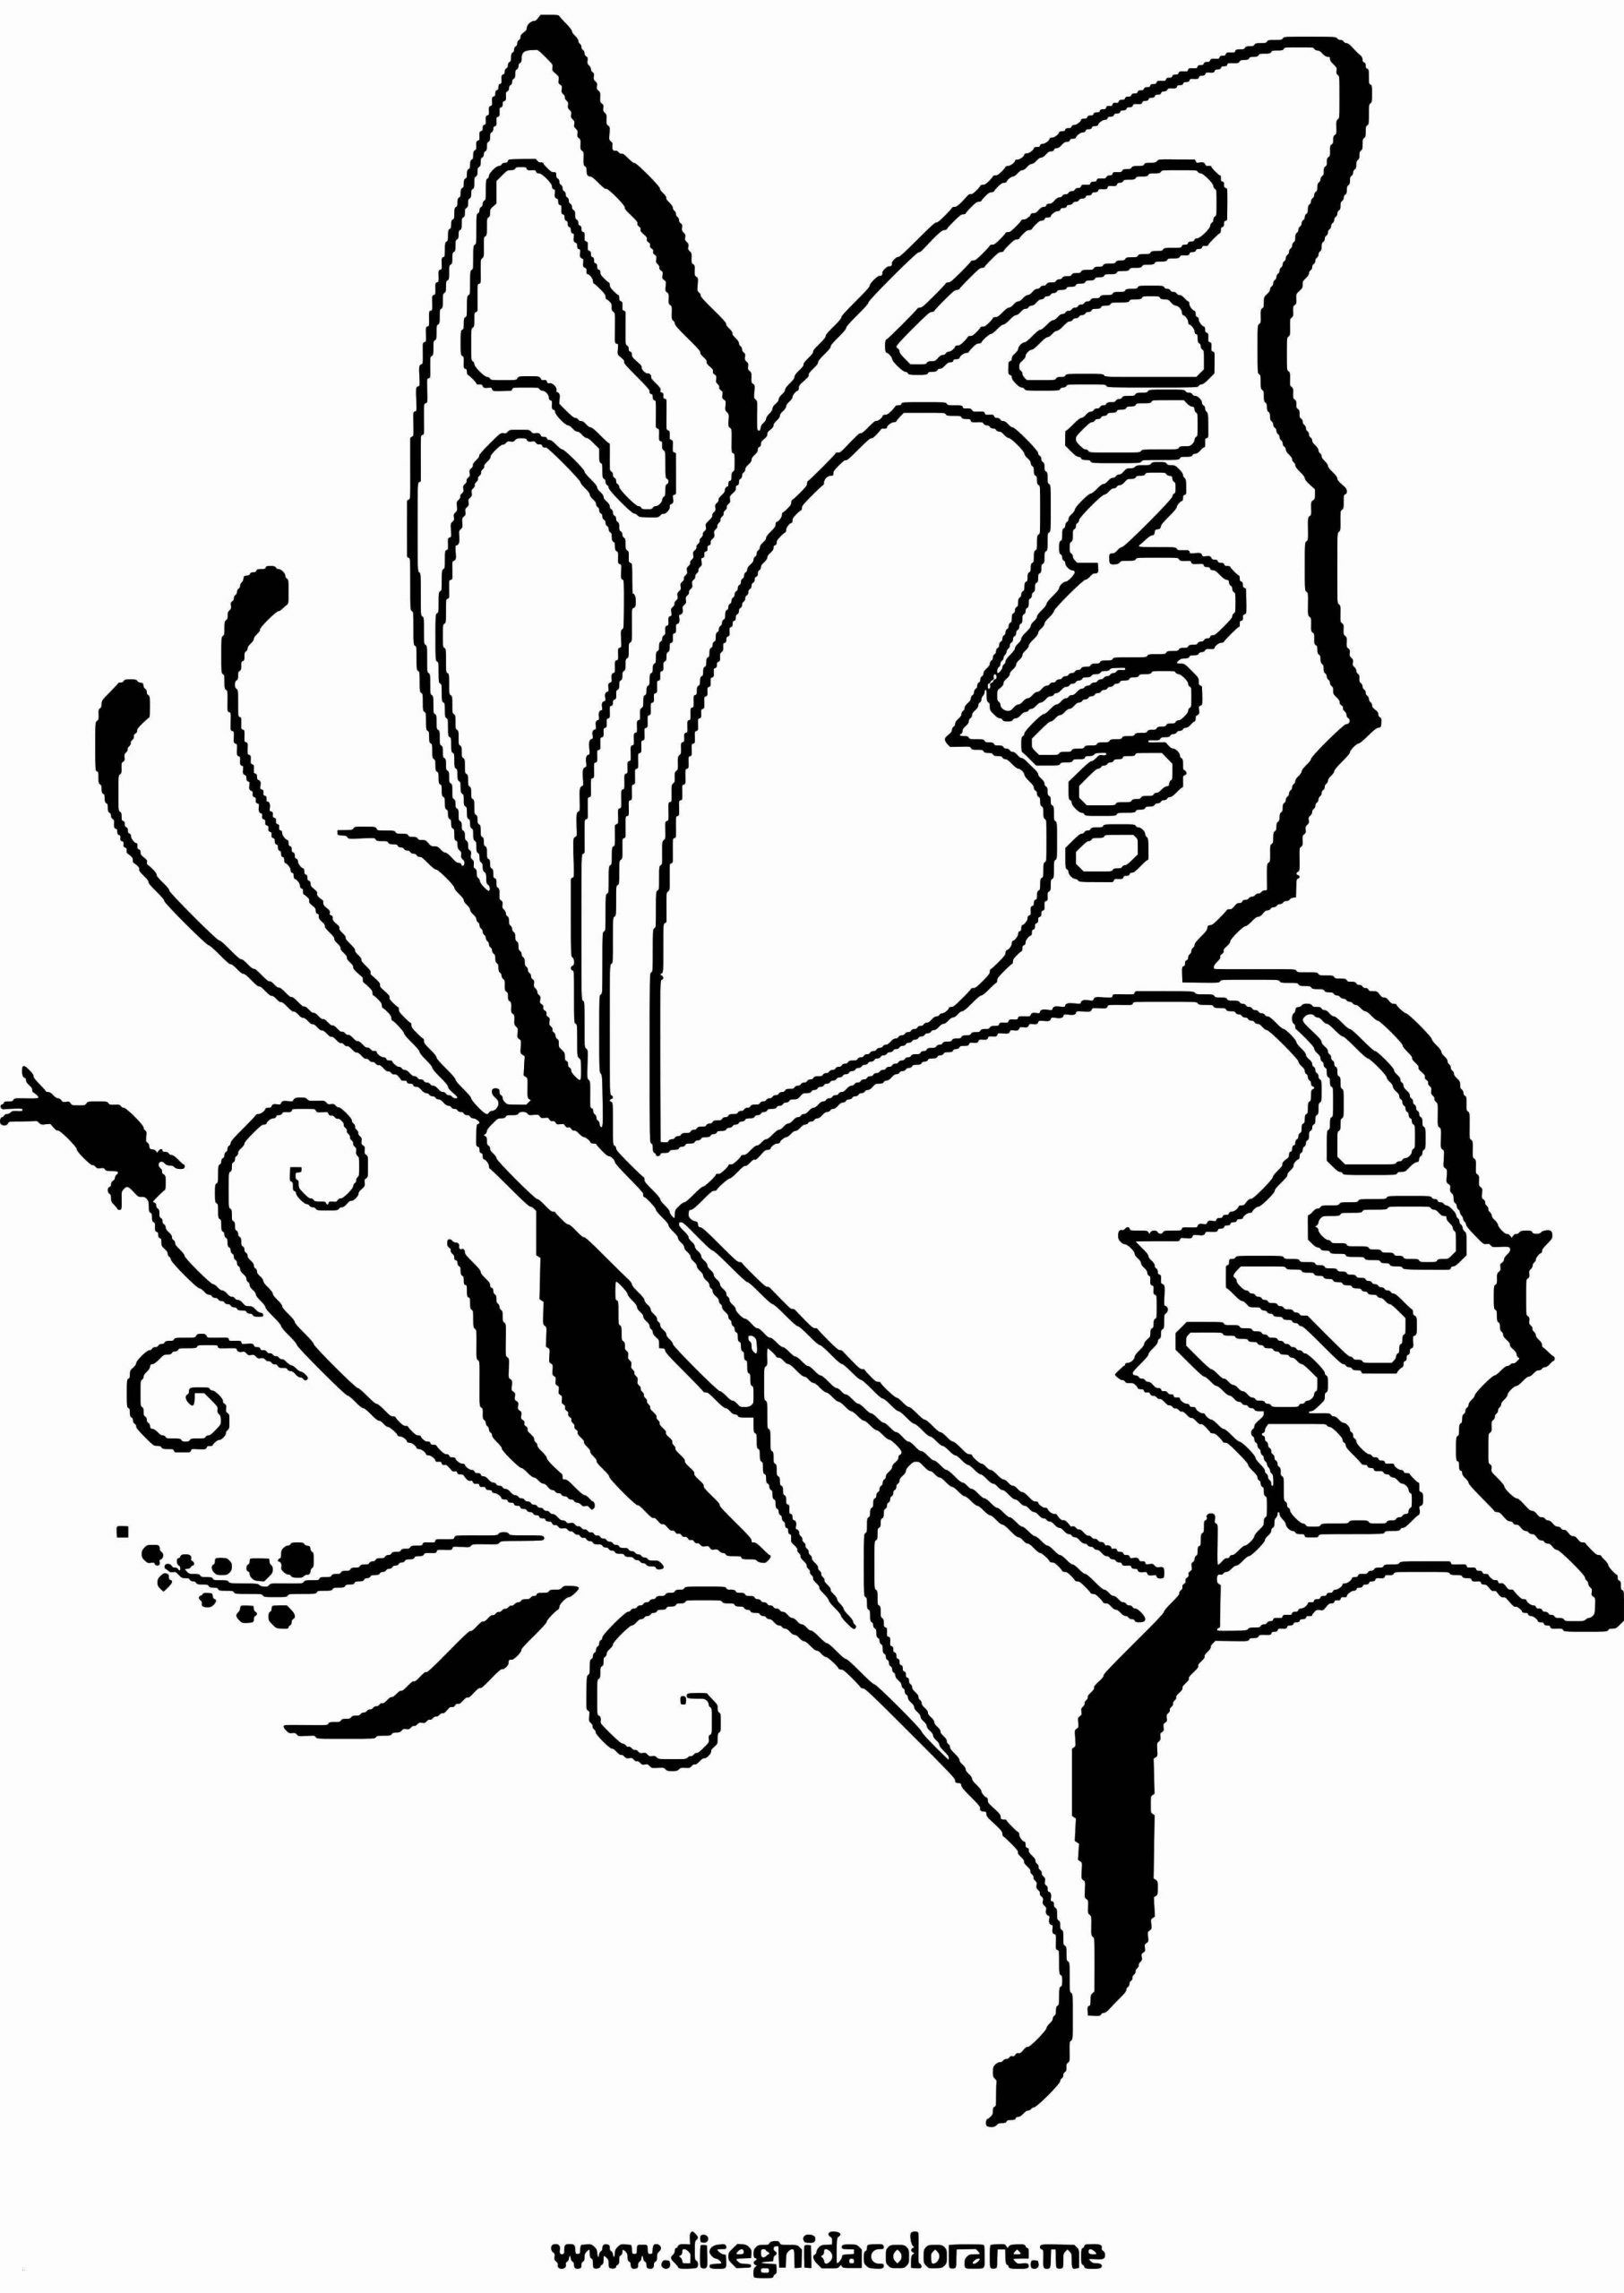 61 Schön Ausmalbilder Schmetterling Kostenlos Ausdrucken verwandt mit Malvorlage Schmetterling